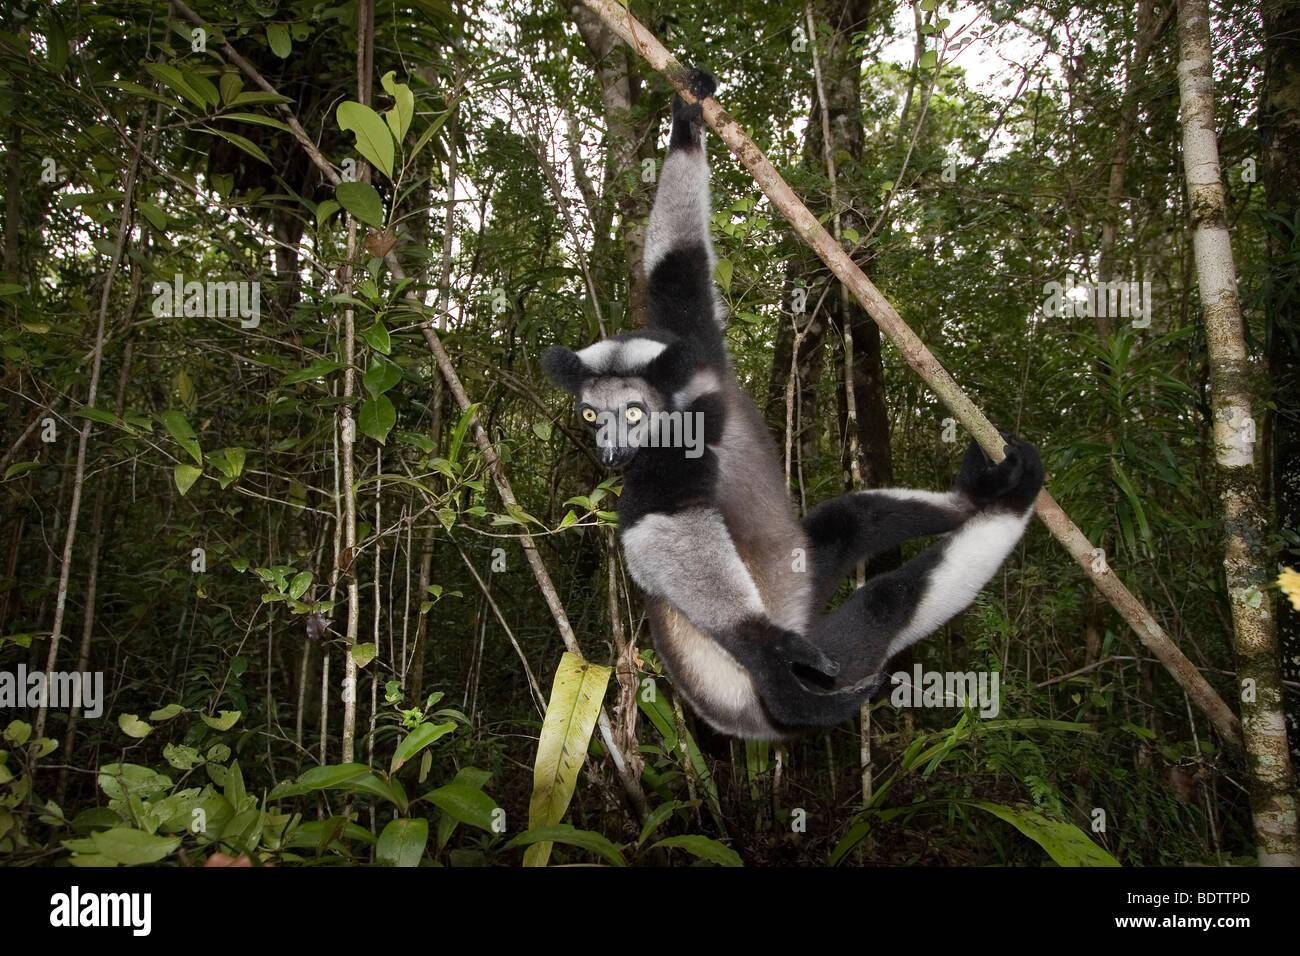 Indri, Indri Indri, Madagaskar, Afrika, Babakoto, madagascar, africa - Stock Image